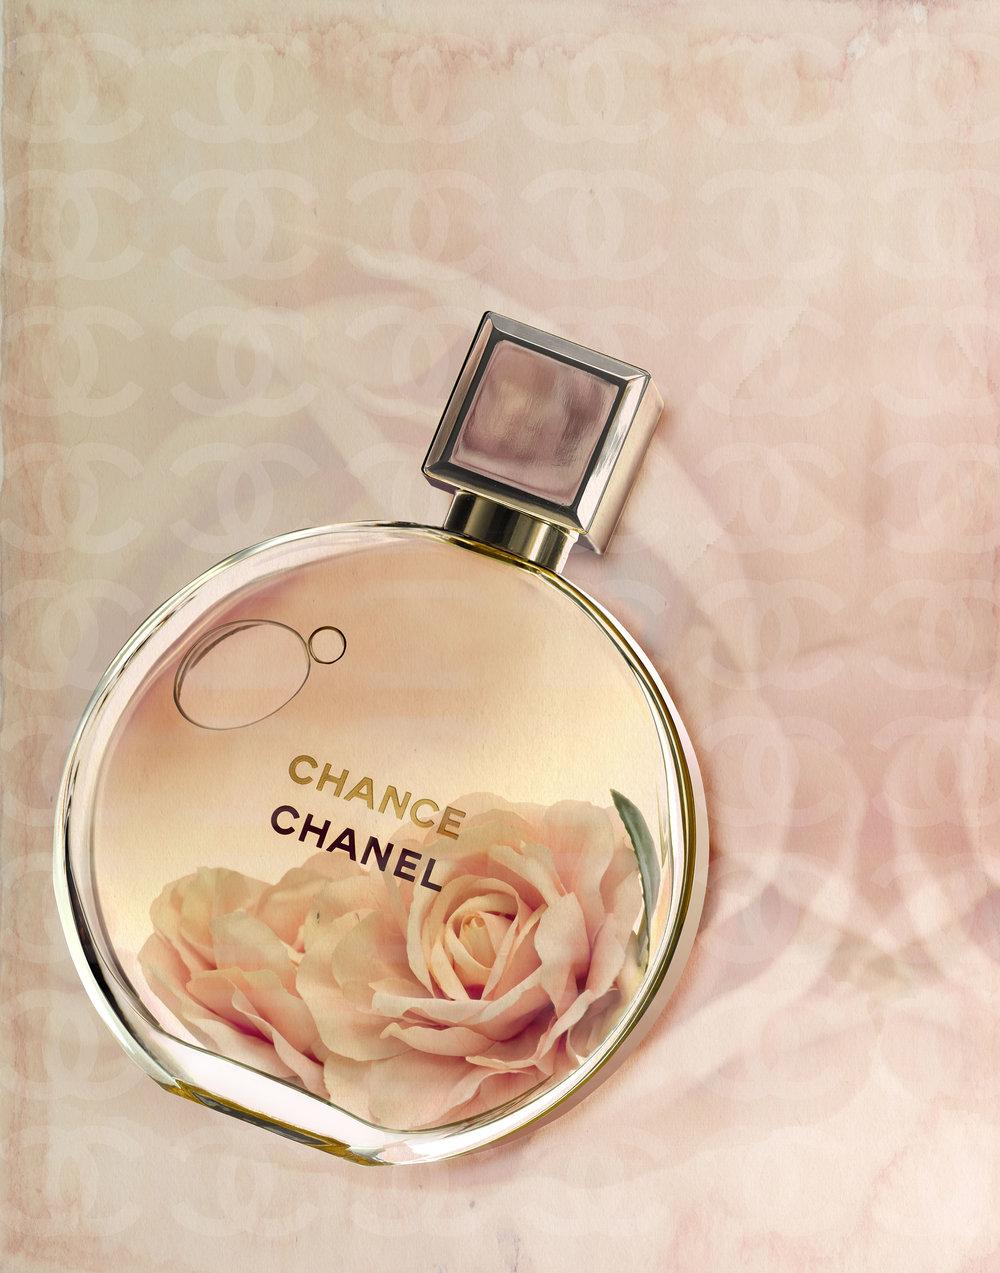 ChanelFINAL.jpg